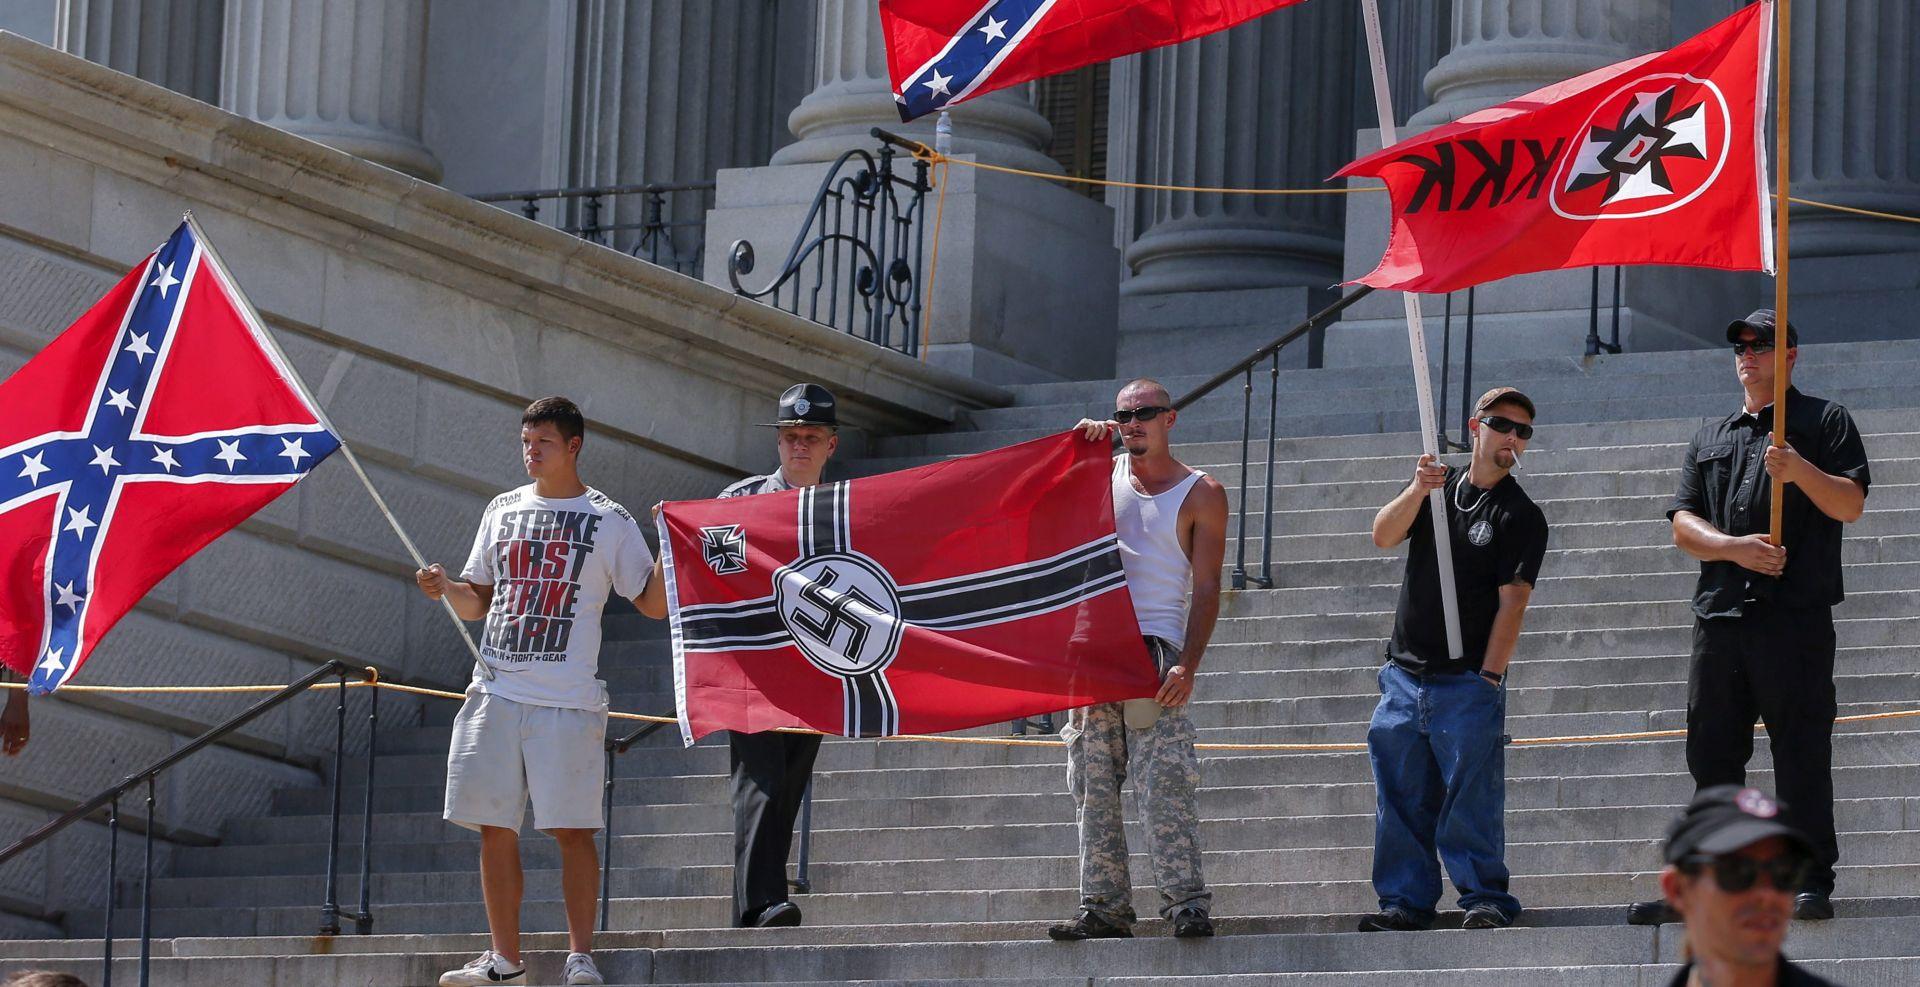 NACISTIČKA OBILJEŽJA Ku Klux Klan prosvjedovao zbog micanja konfederacijske zastave